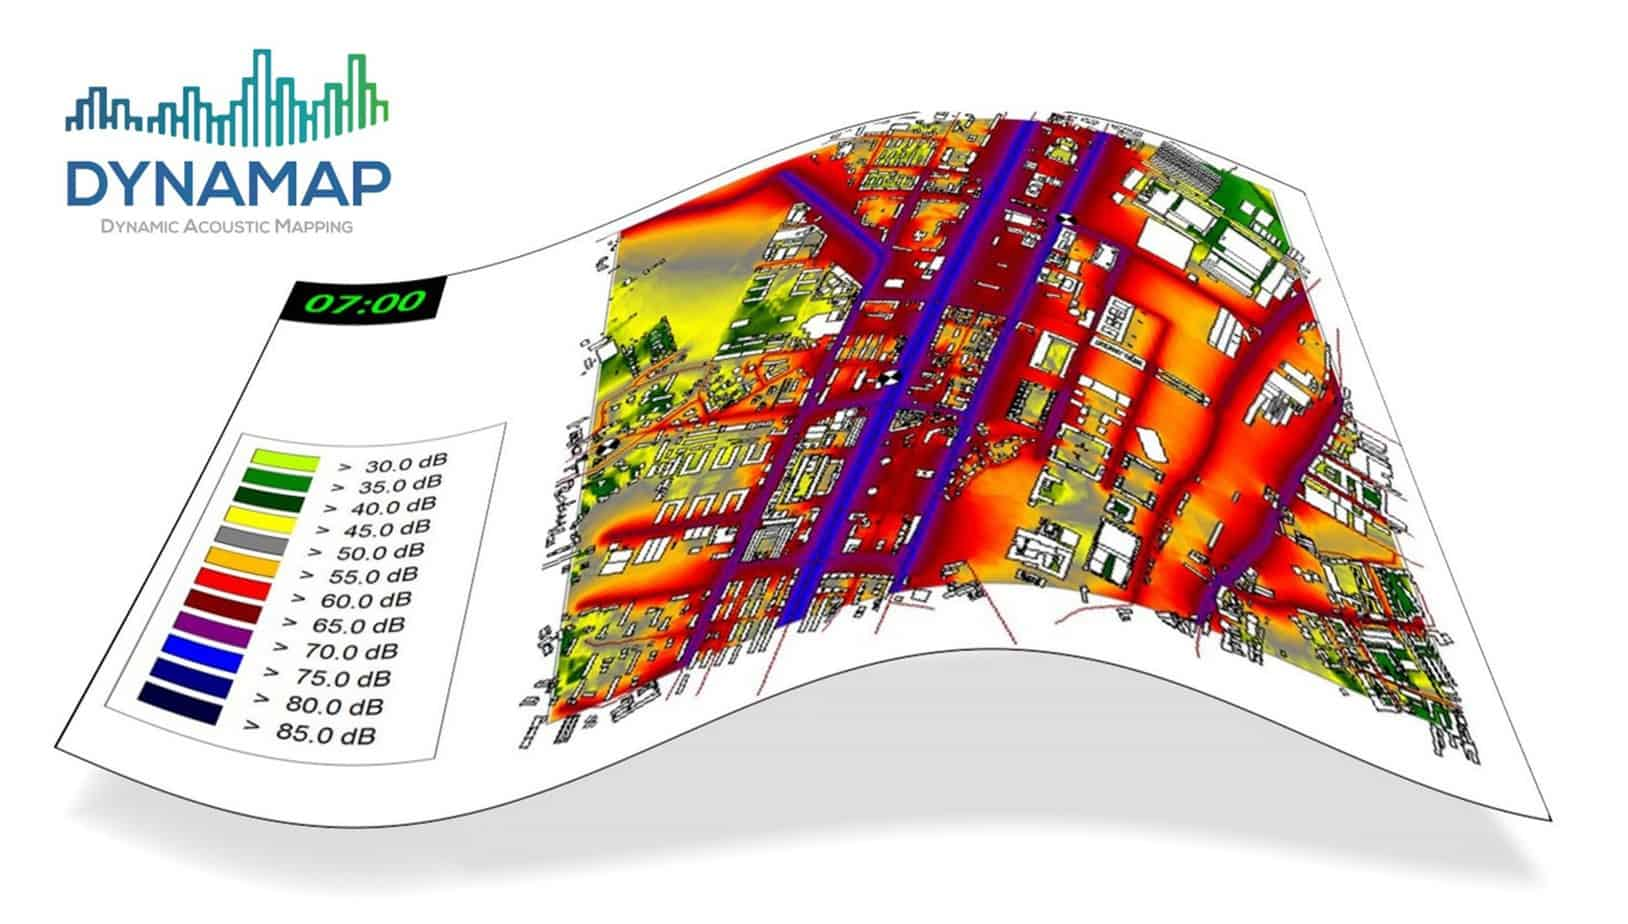 Dynamap è un progetto LIFE+ che si propone di sviluppare un sistema di mappatura acustica dinamica in grado di rilevare e rappresentare in tempo reale l'impatto acustico generato dalle infrastrutture stradali